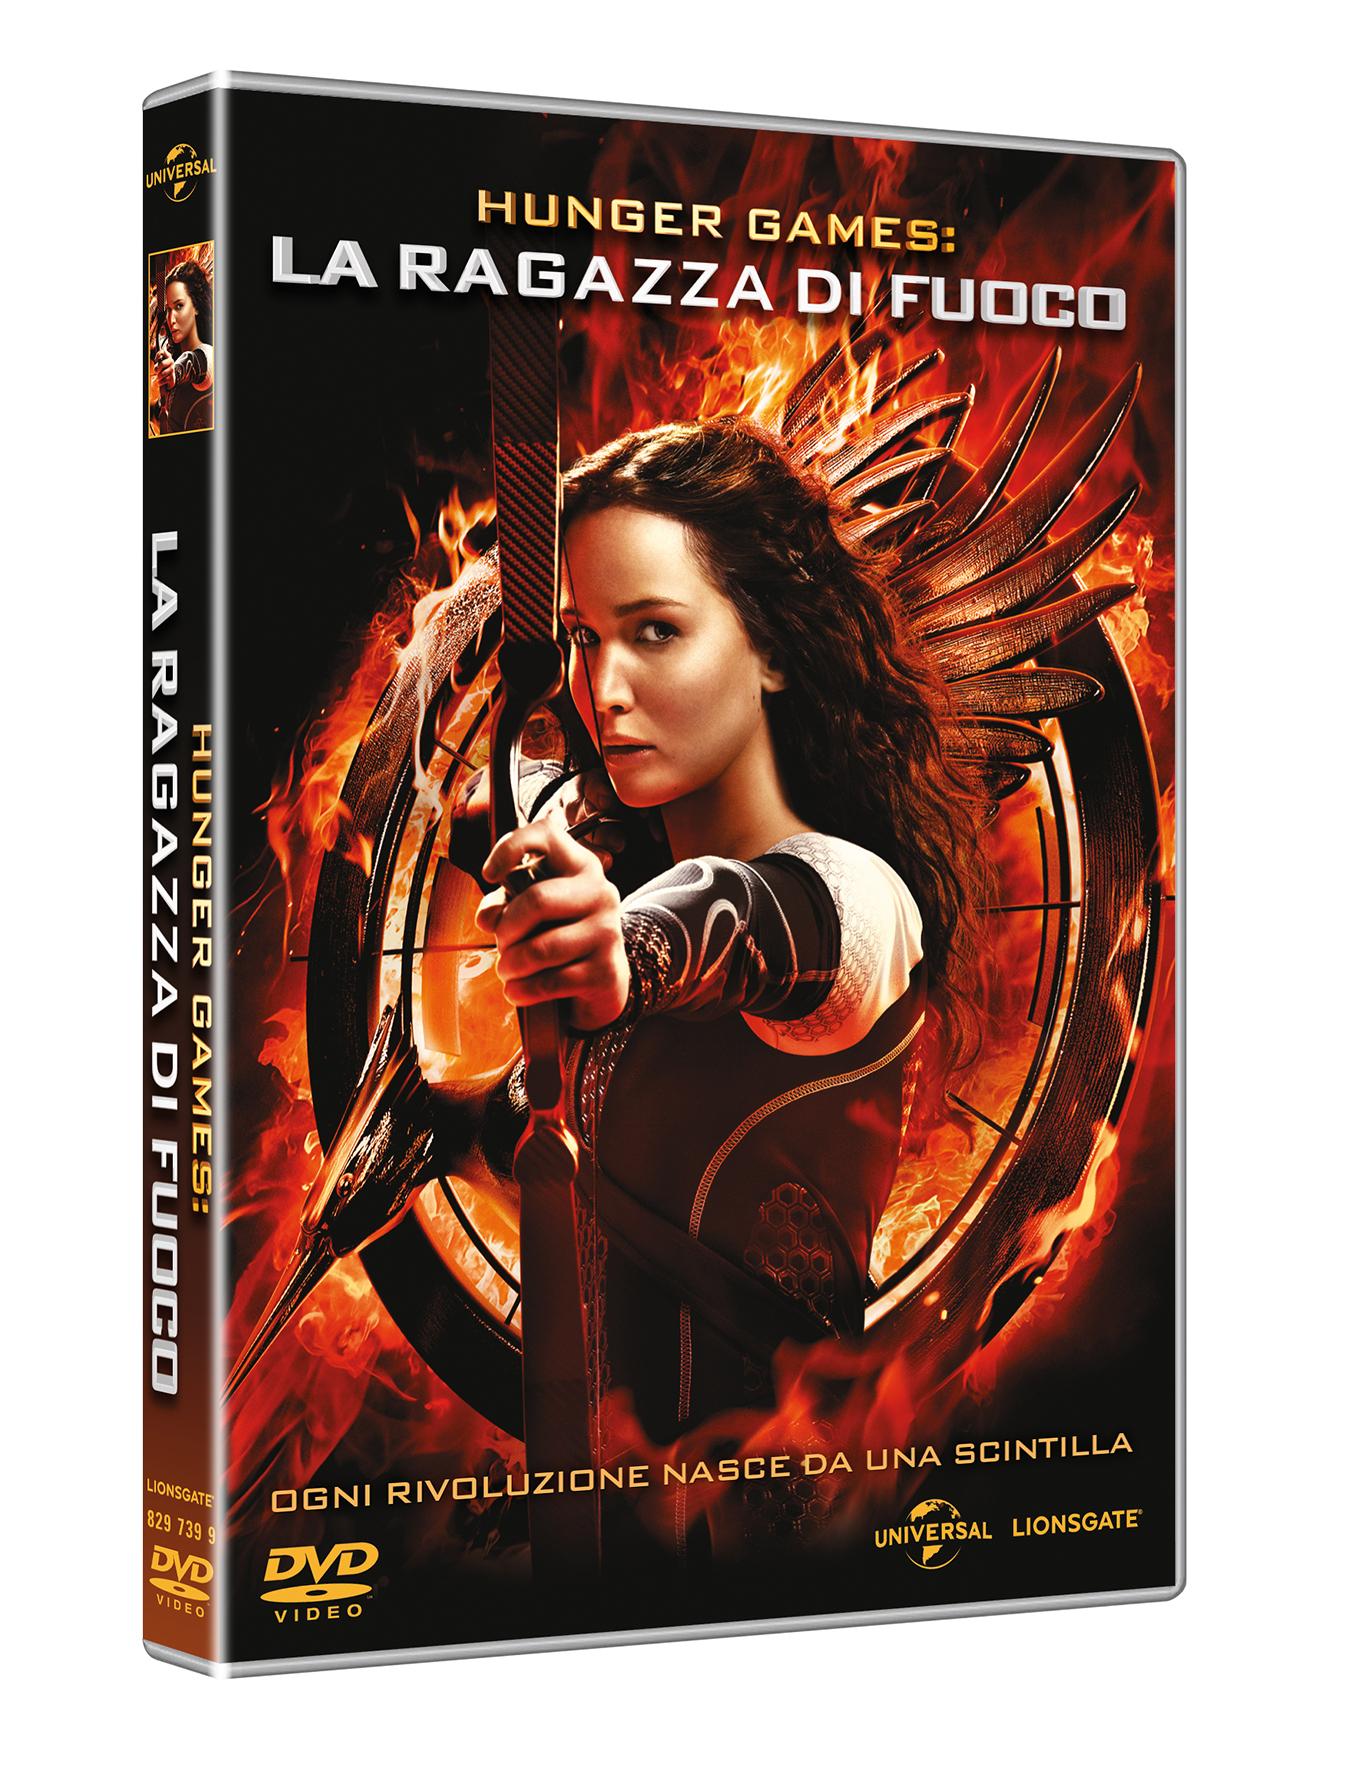 hunger games ragazza di fuoco dvd cover